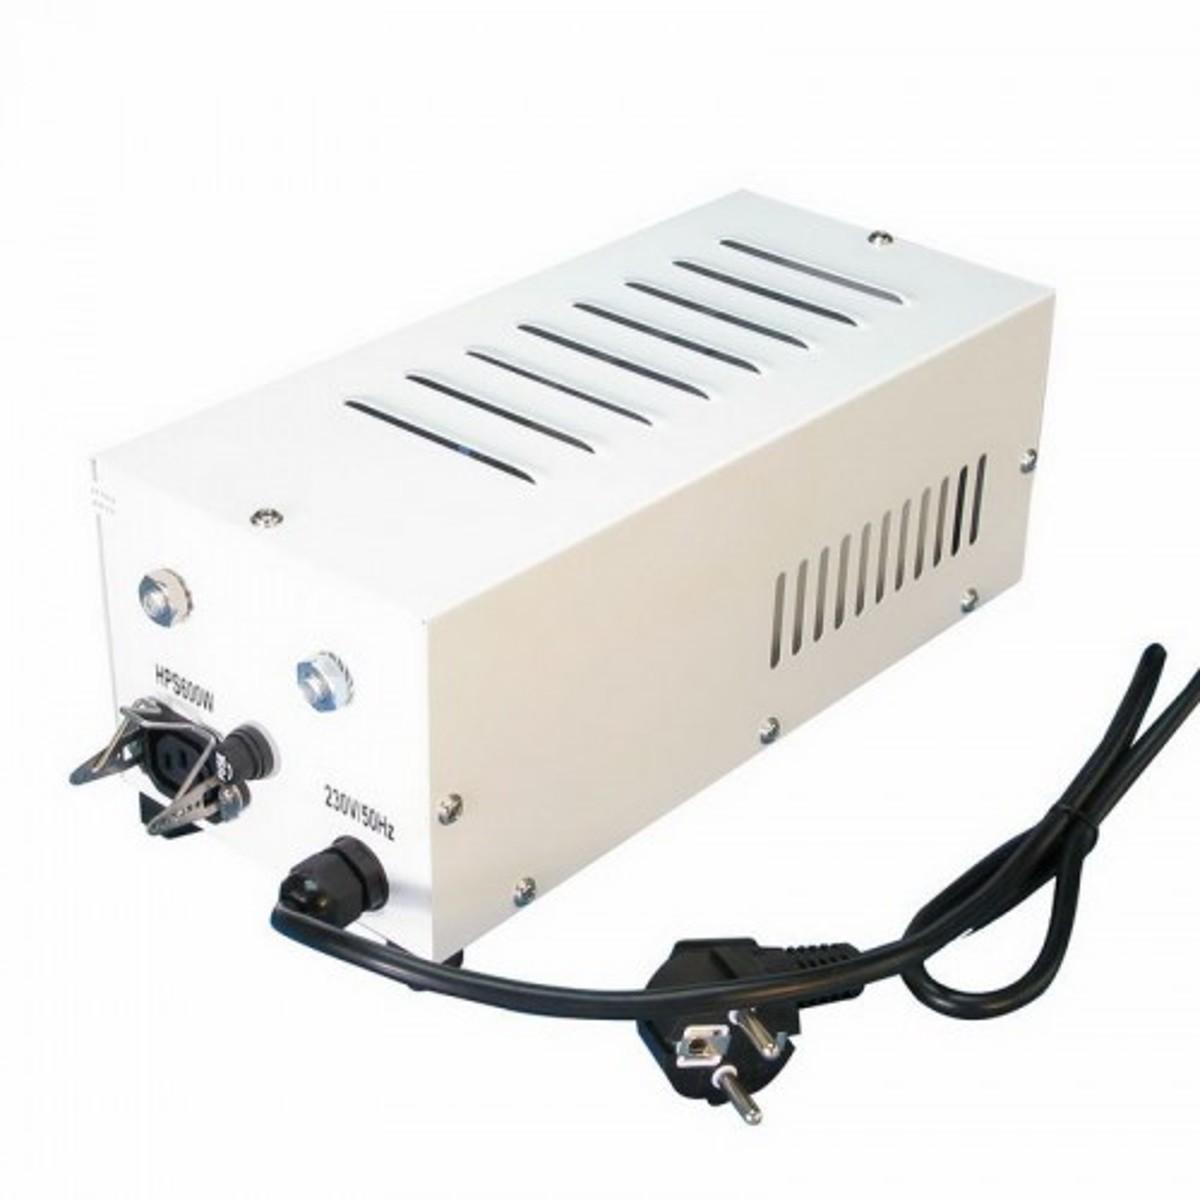 Elektromagnetický předřadník BLT Pro gear 400W, zaboxovaný, plug and play